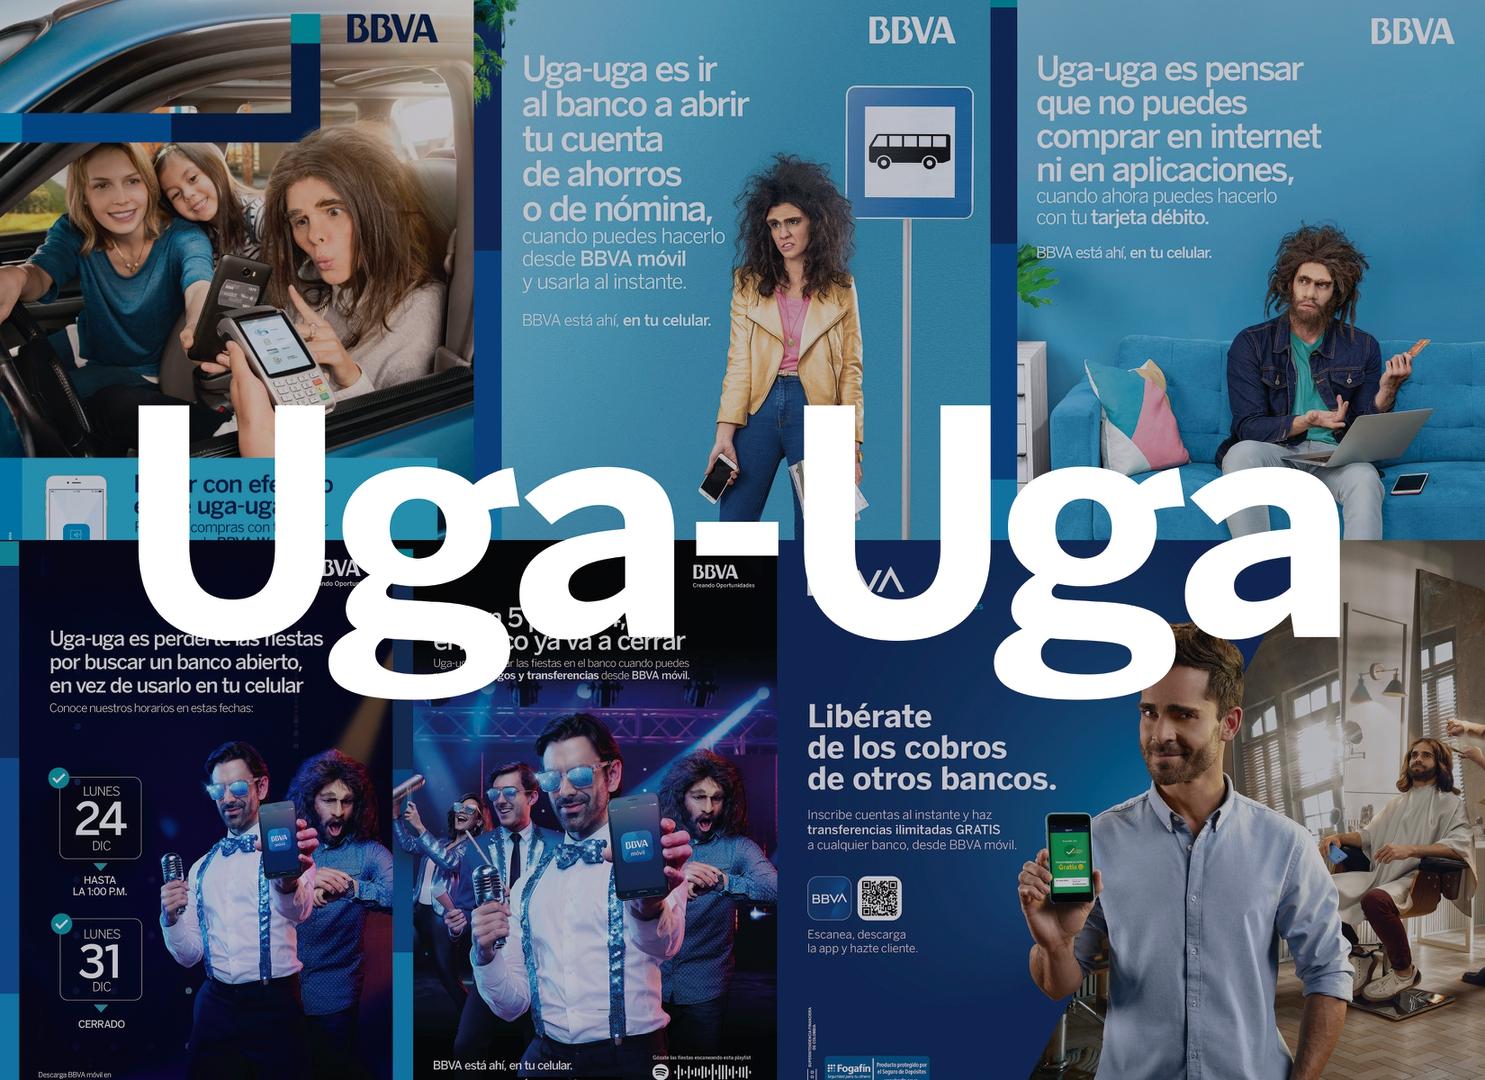 Deja de ser un UGA-UGA